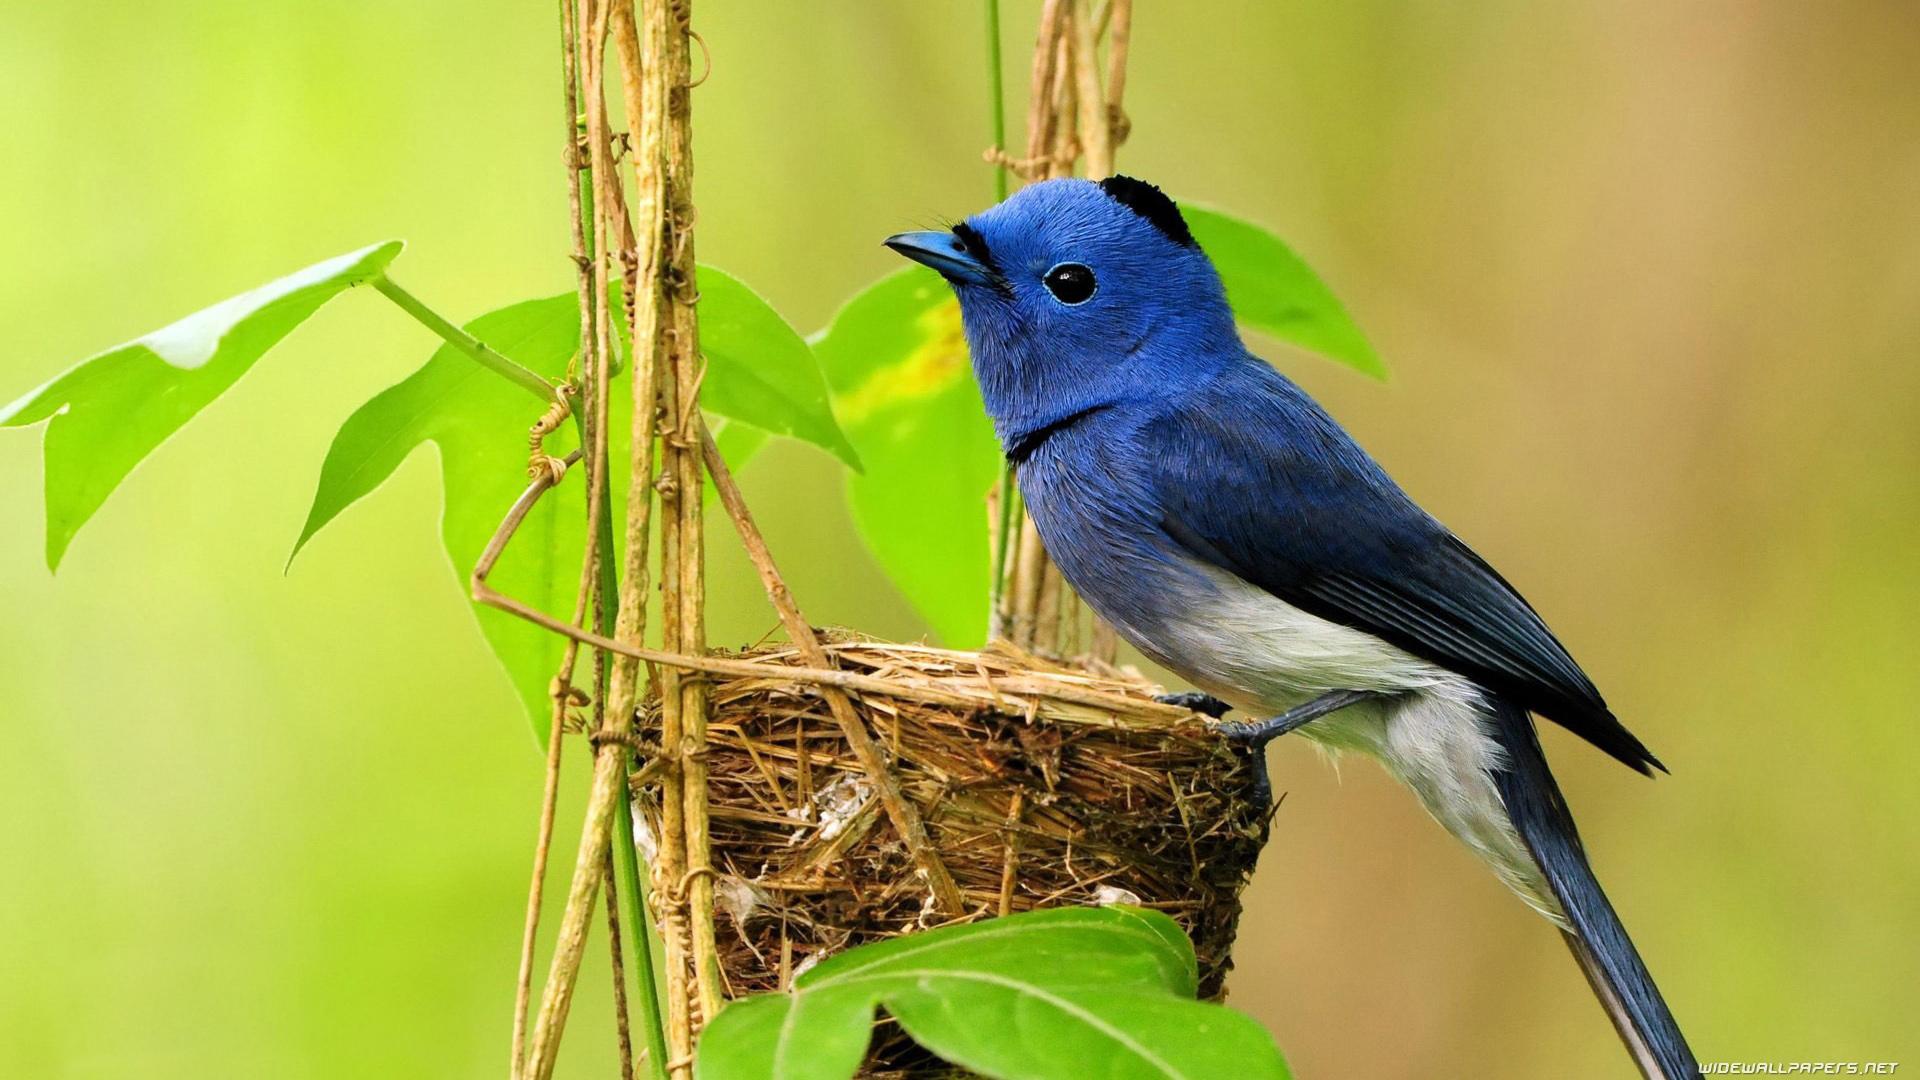 Girls Of The Wilds Wallpaper Blue Bird Make His Own Nest Hd Wallpaper